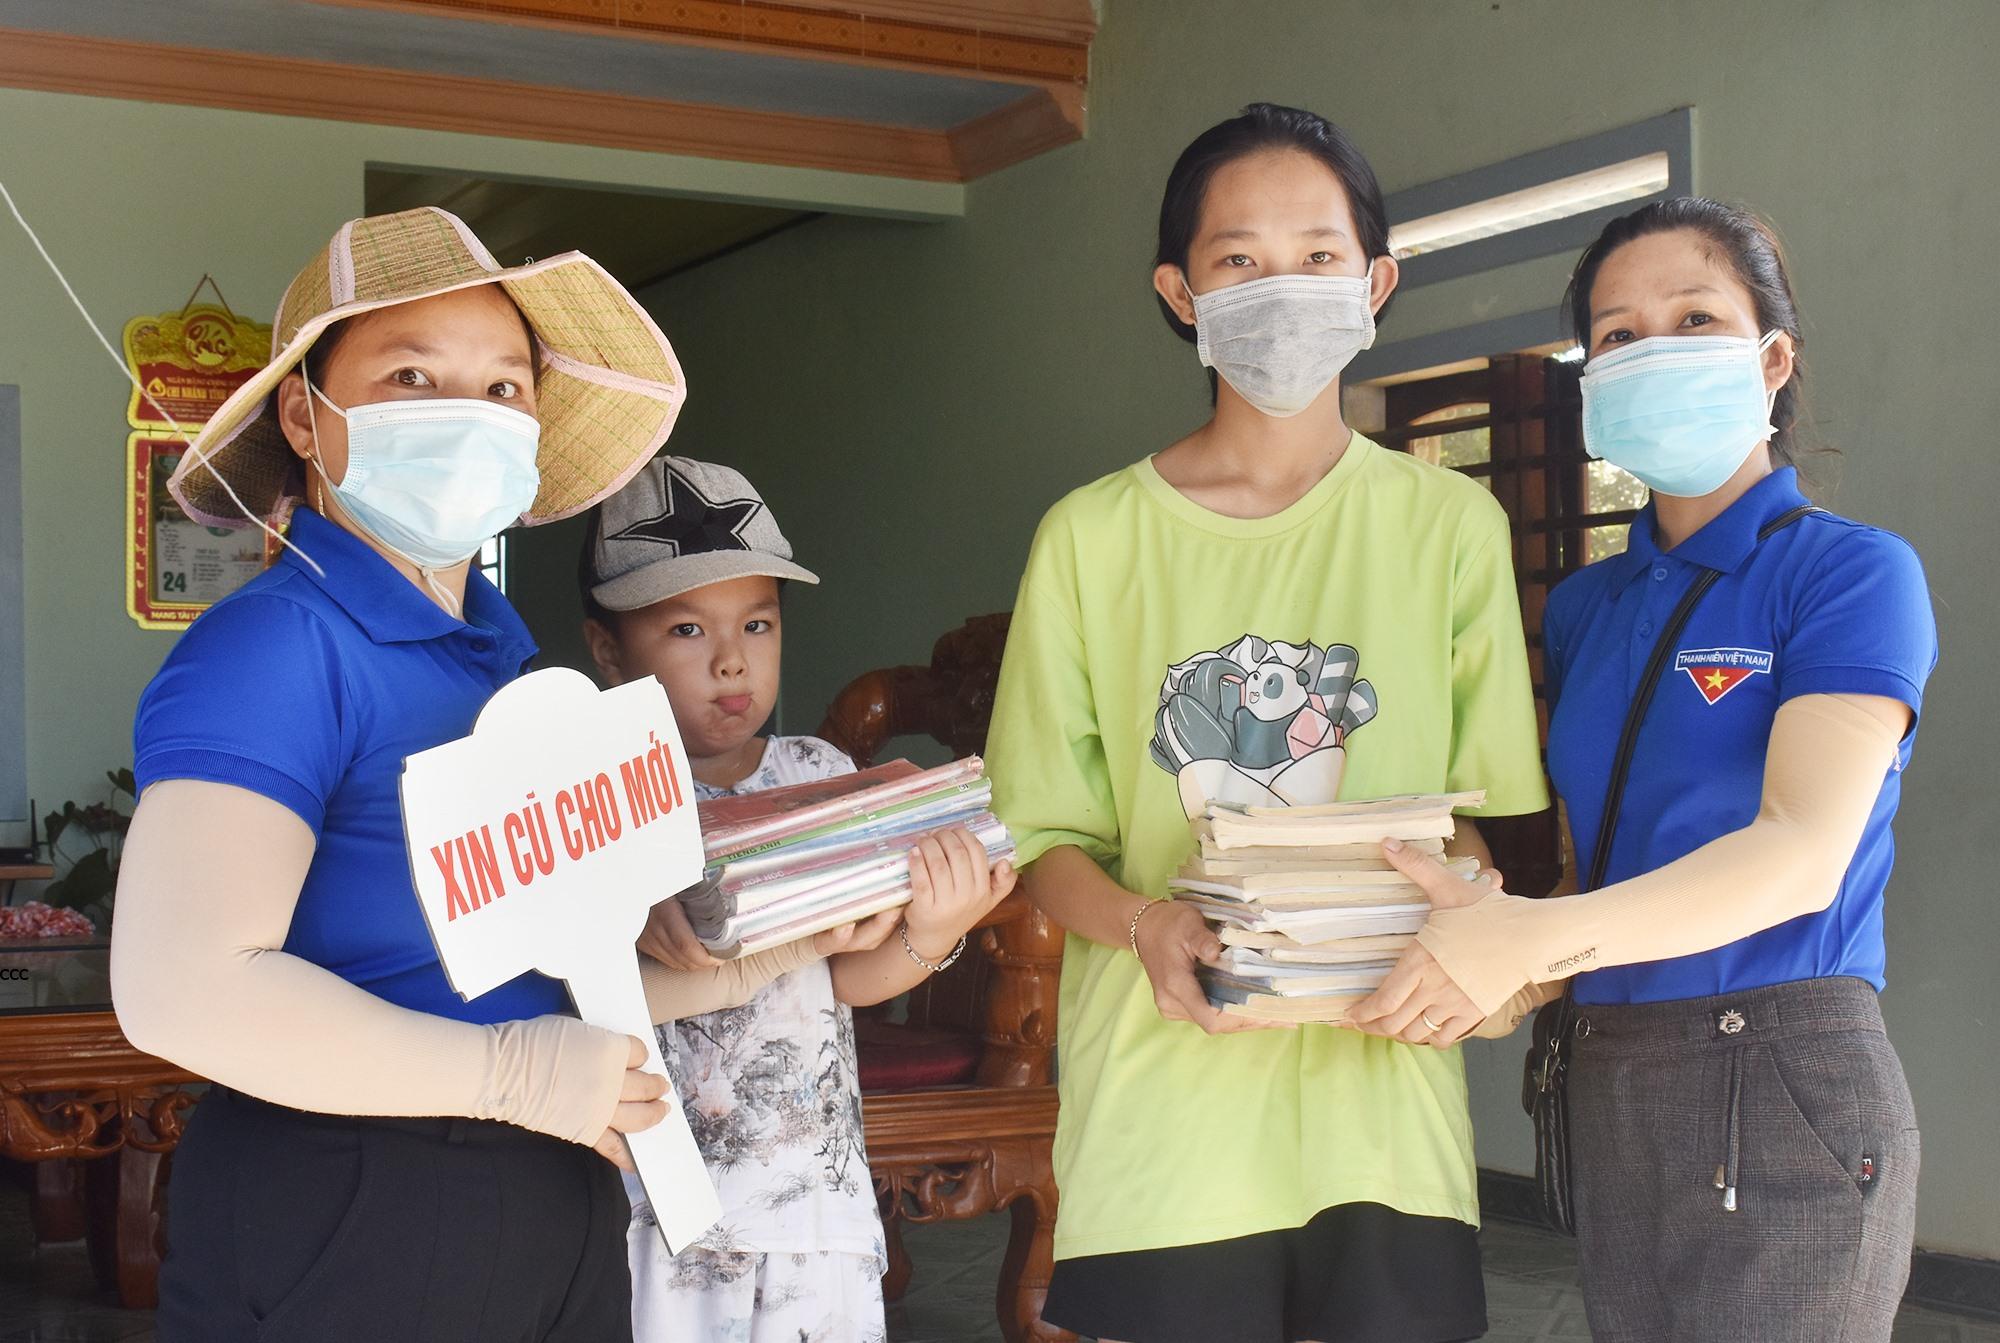 """Hai chị em Nhã - Trọng hào hứng ủng hộ sách vở đã học cho chương trình """"Xin cũ đổi mới"""". Ảnh: H.Q"""